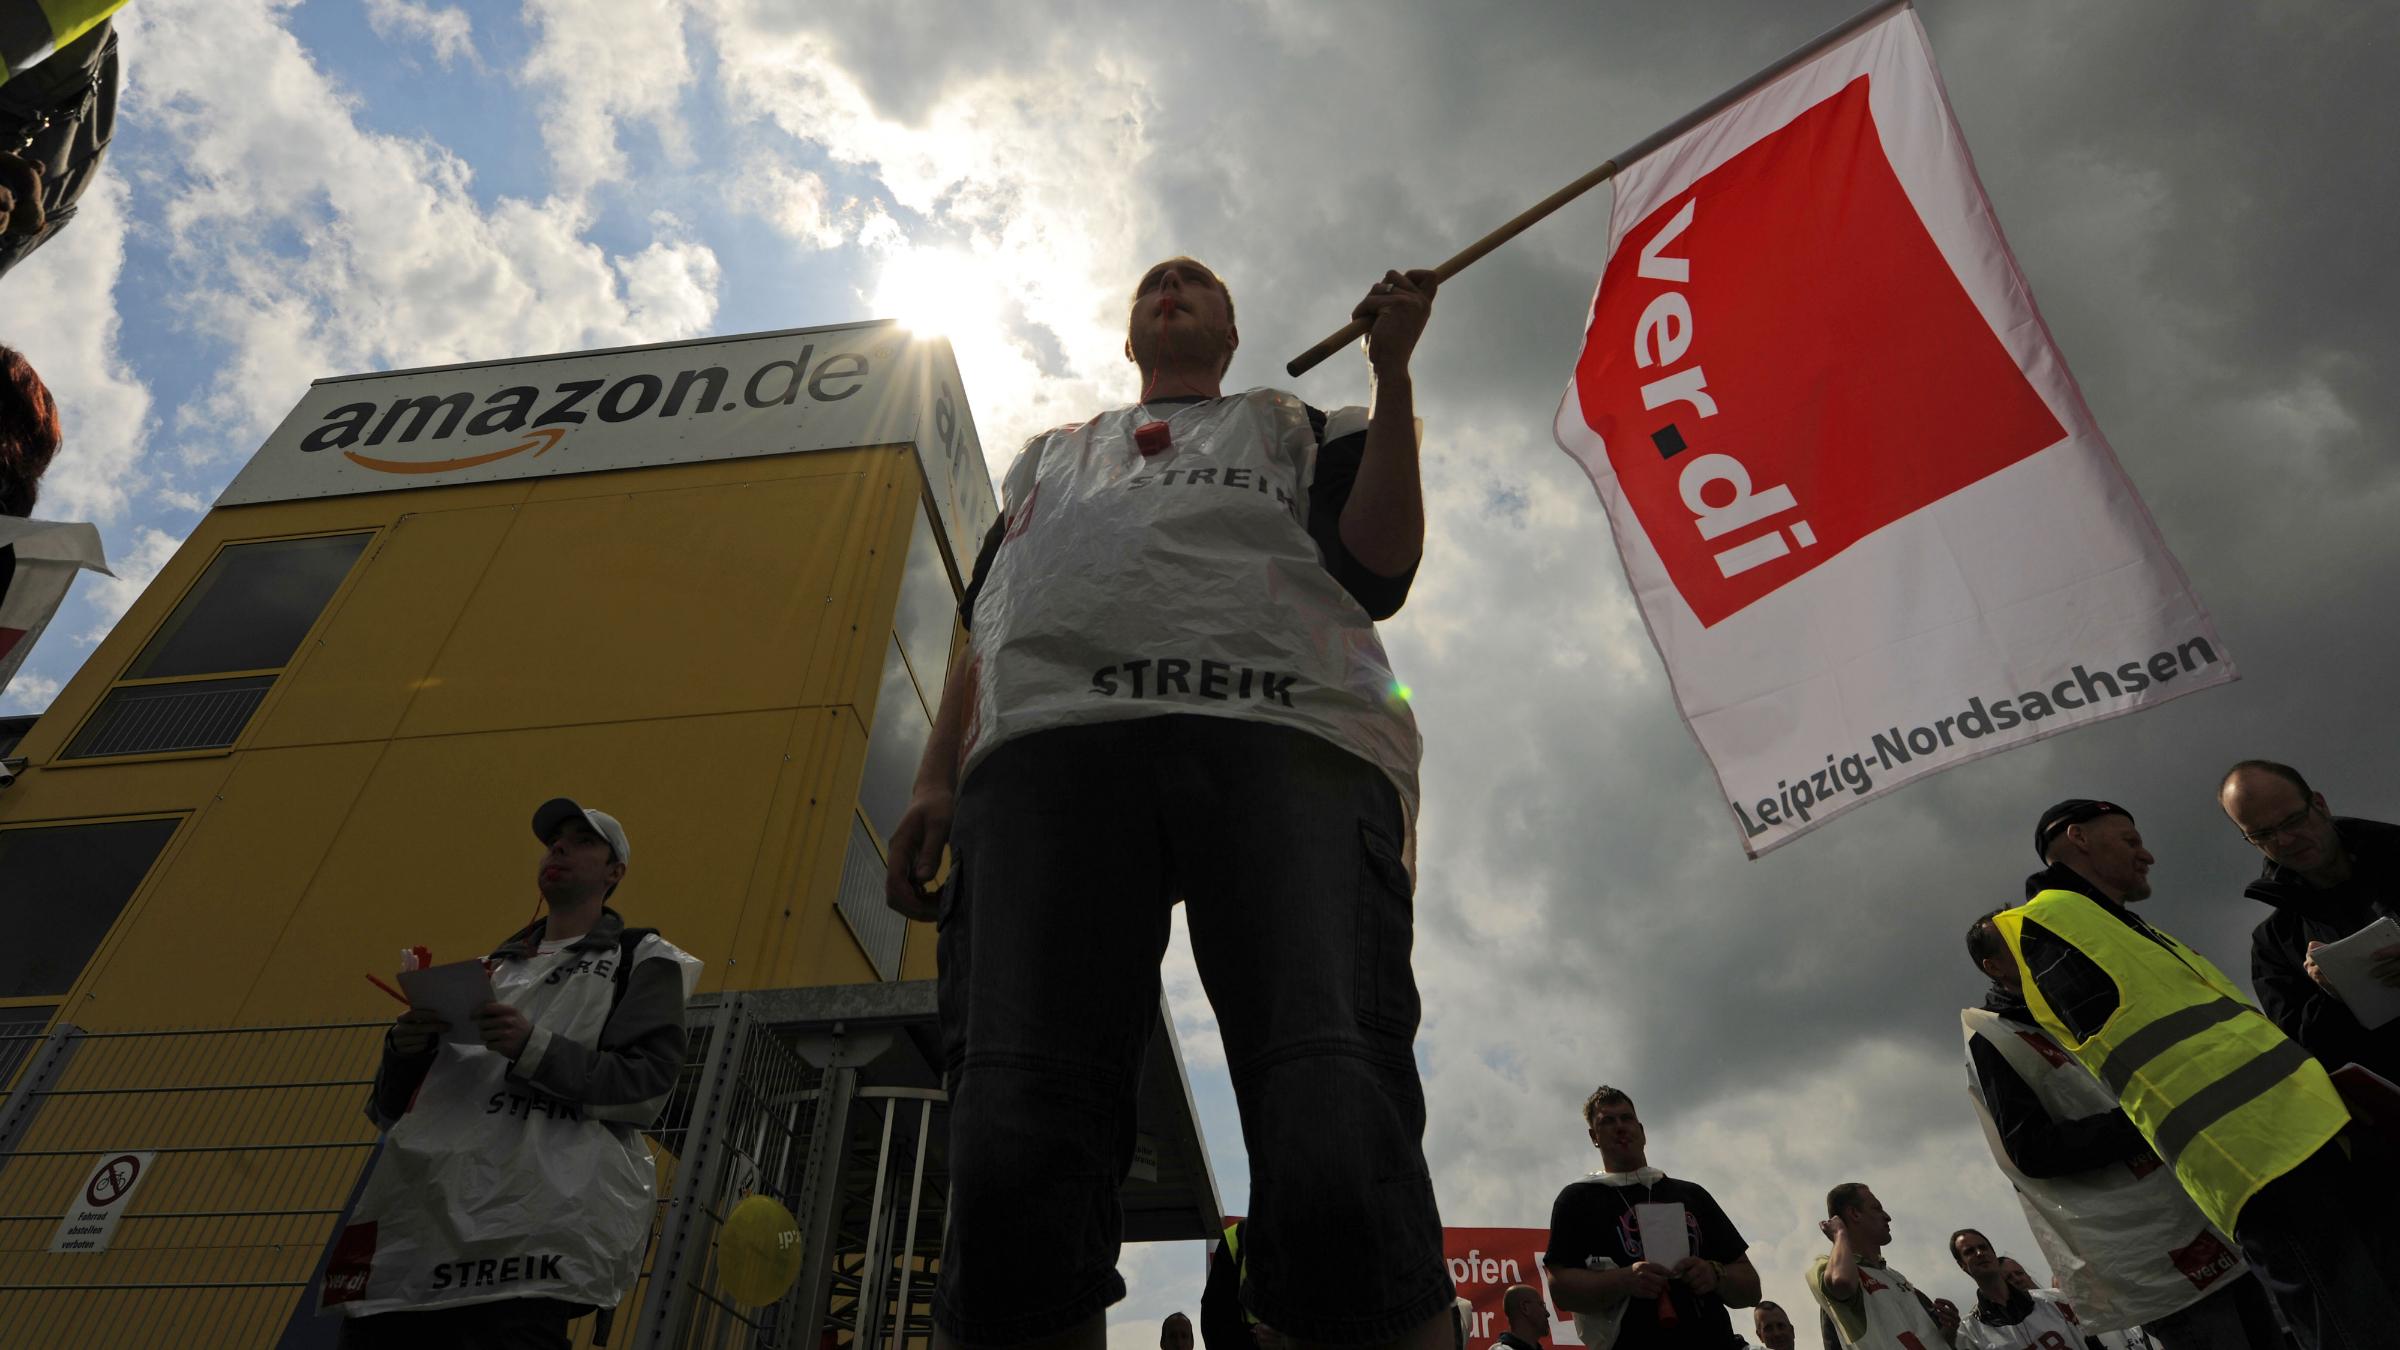 Amazon protest Germany wage inequality euro crisis